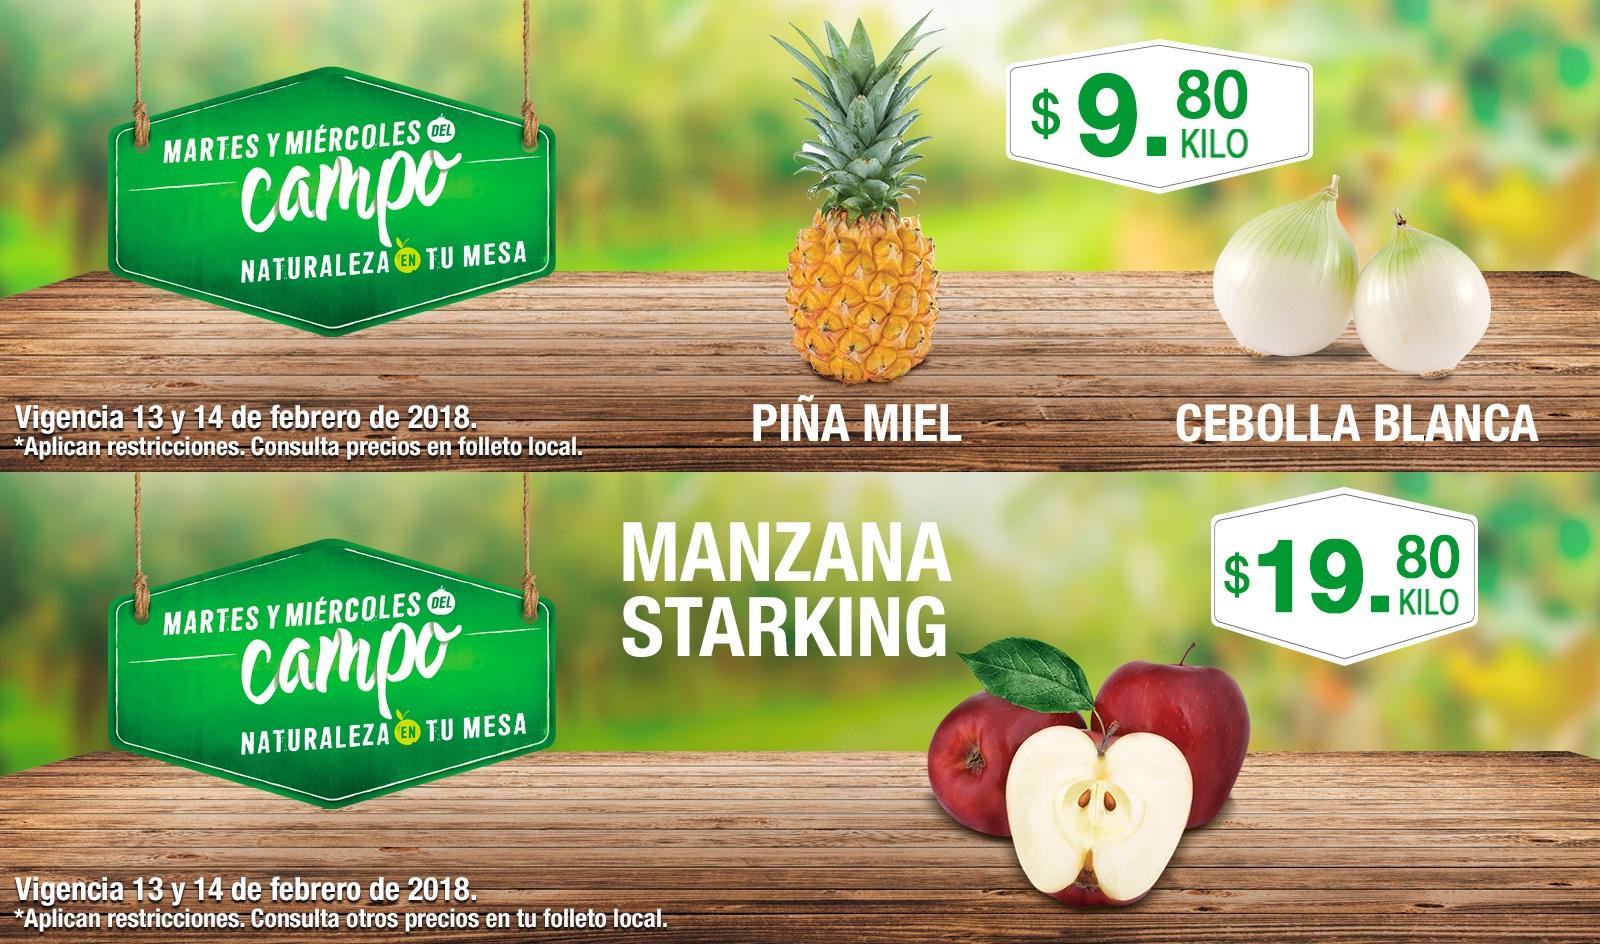 Comercial Mexicana y MEGA: Martes y Miércoles del Campo 13 y 14 Febrero: Piña Miel $9.80 kg... Cebolla Blanca $9.80 kg... Manzana Starking $19.80 kg.